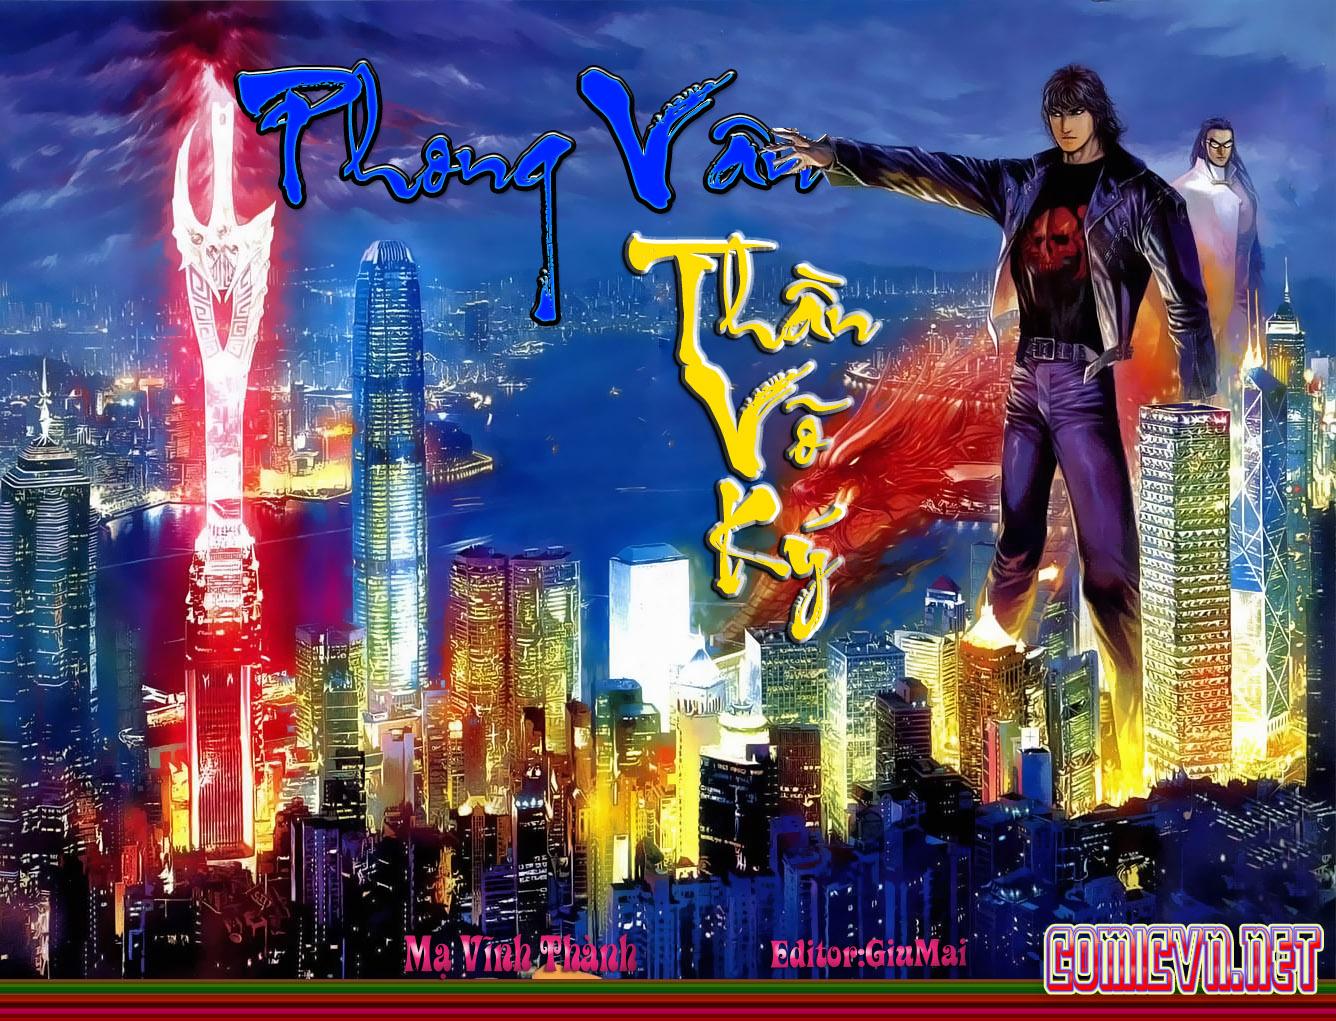 Phong Vân Tân Tác Thần Võ Ký Chap 1 - Next Chap 2